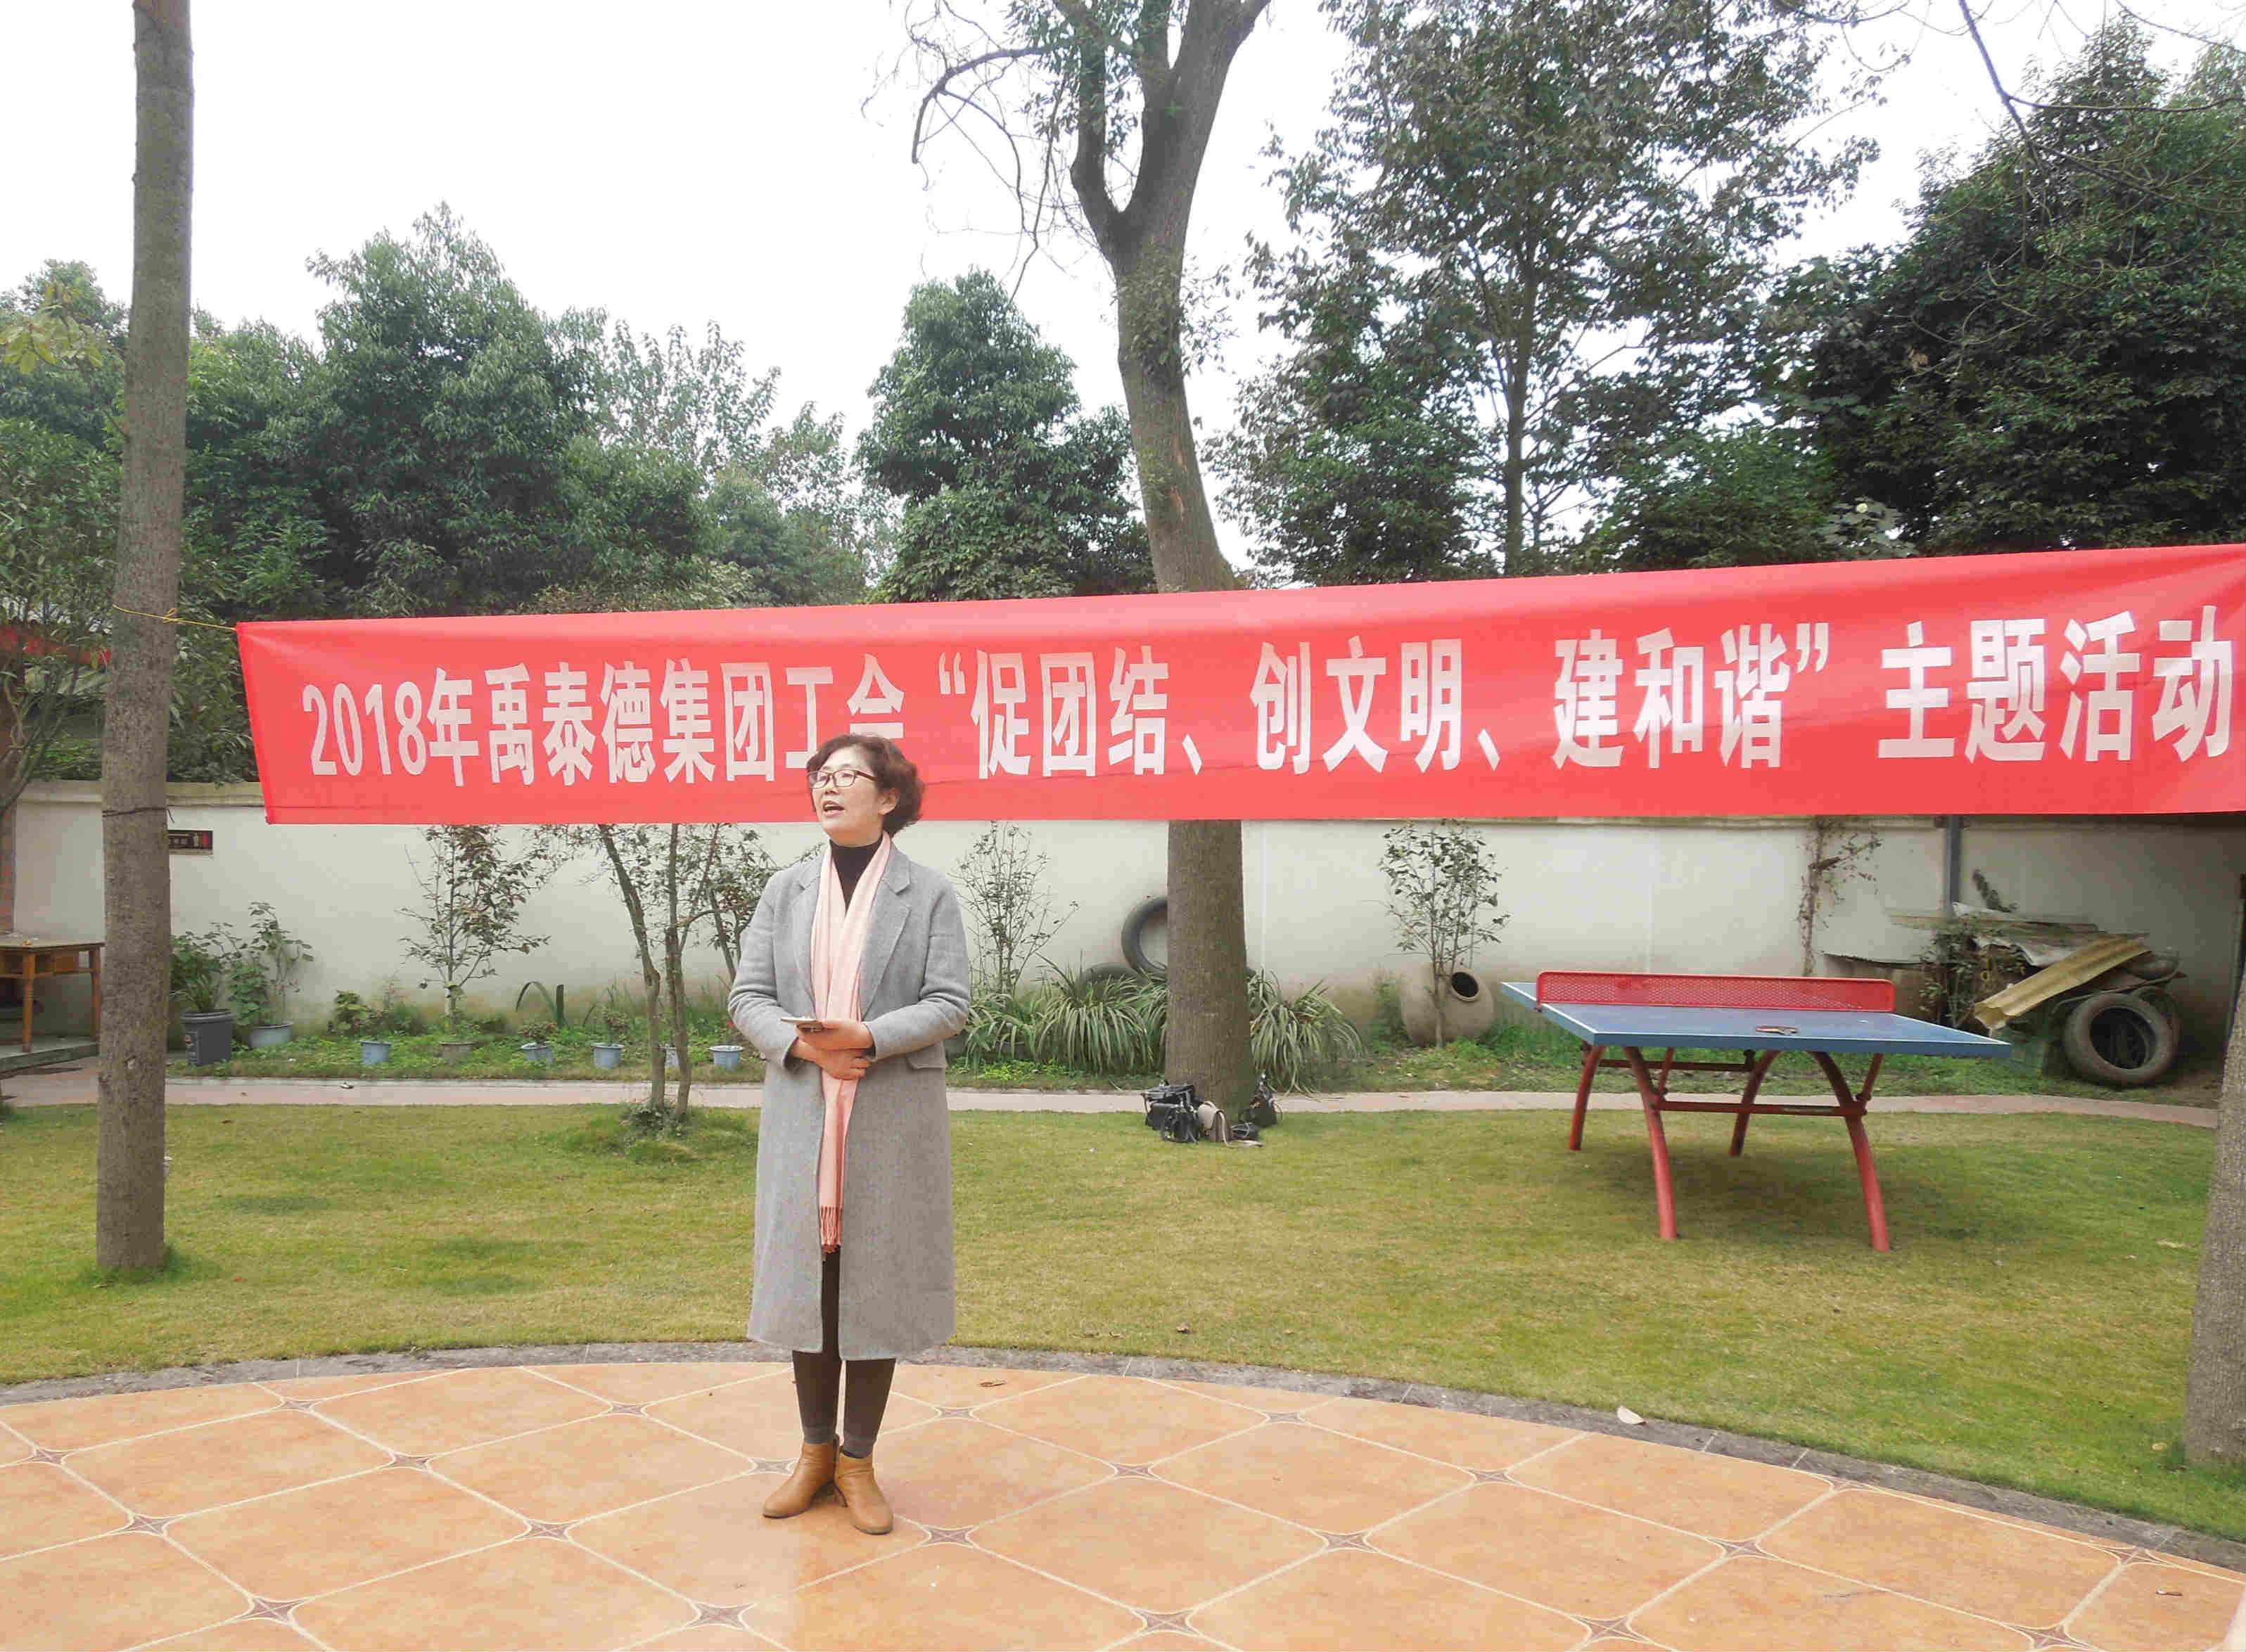 """禹泰德雷竞技下载工会---开展""""促团结、创文明、建和谐""""活动"""